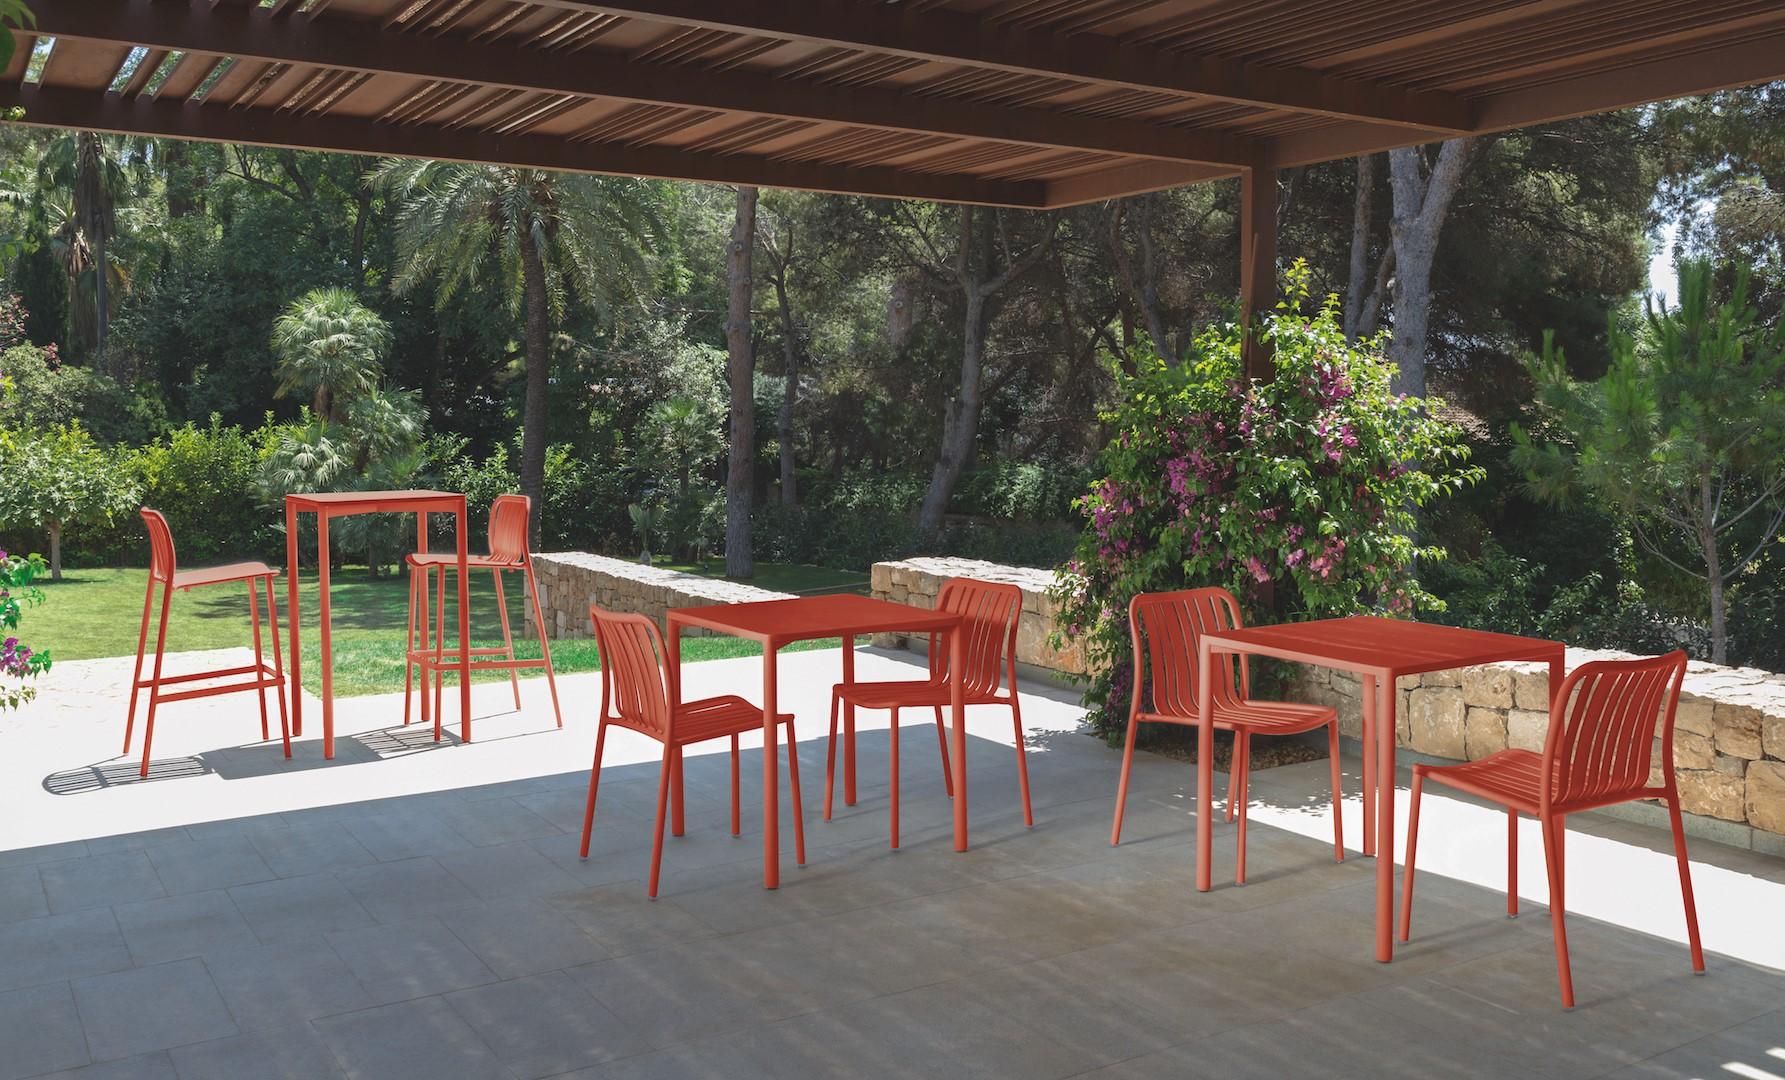 Crea un angolo di relax e benessere nel tuo giardino con la Linea Trocadero di Talenti in Living Coral.